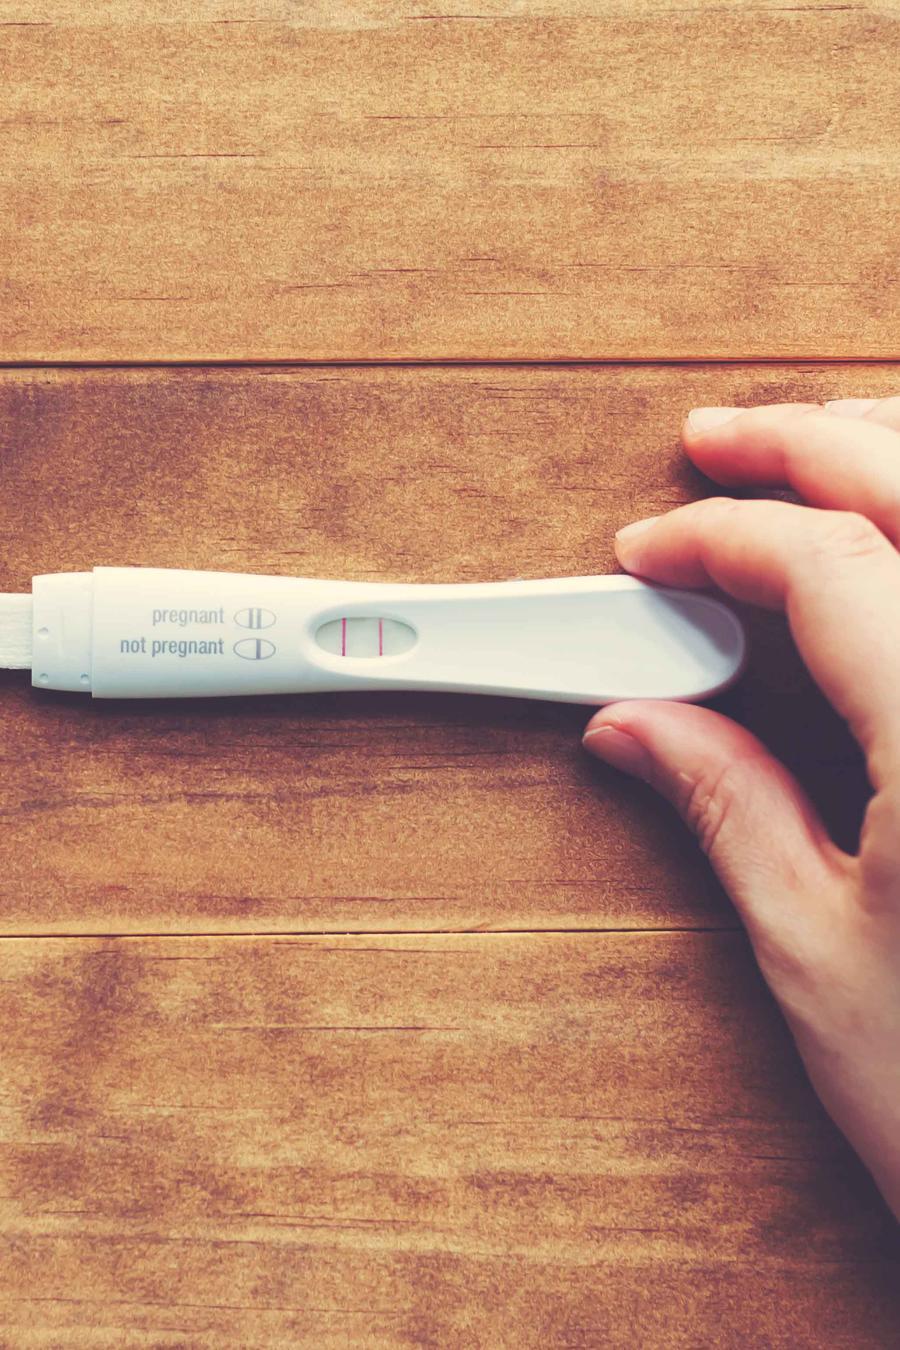 Mano sosteniendo prueba de embarazo sobre madera